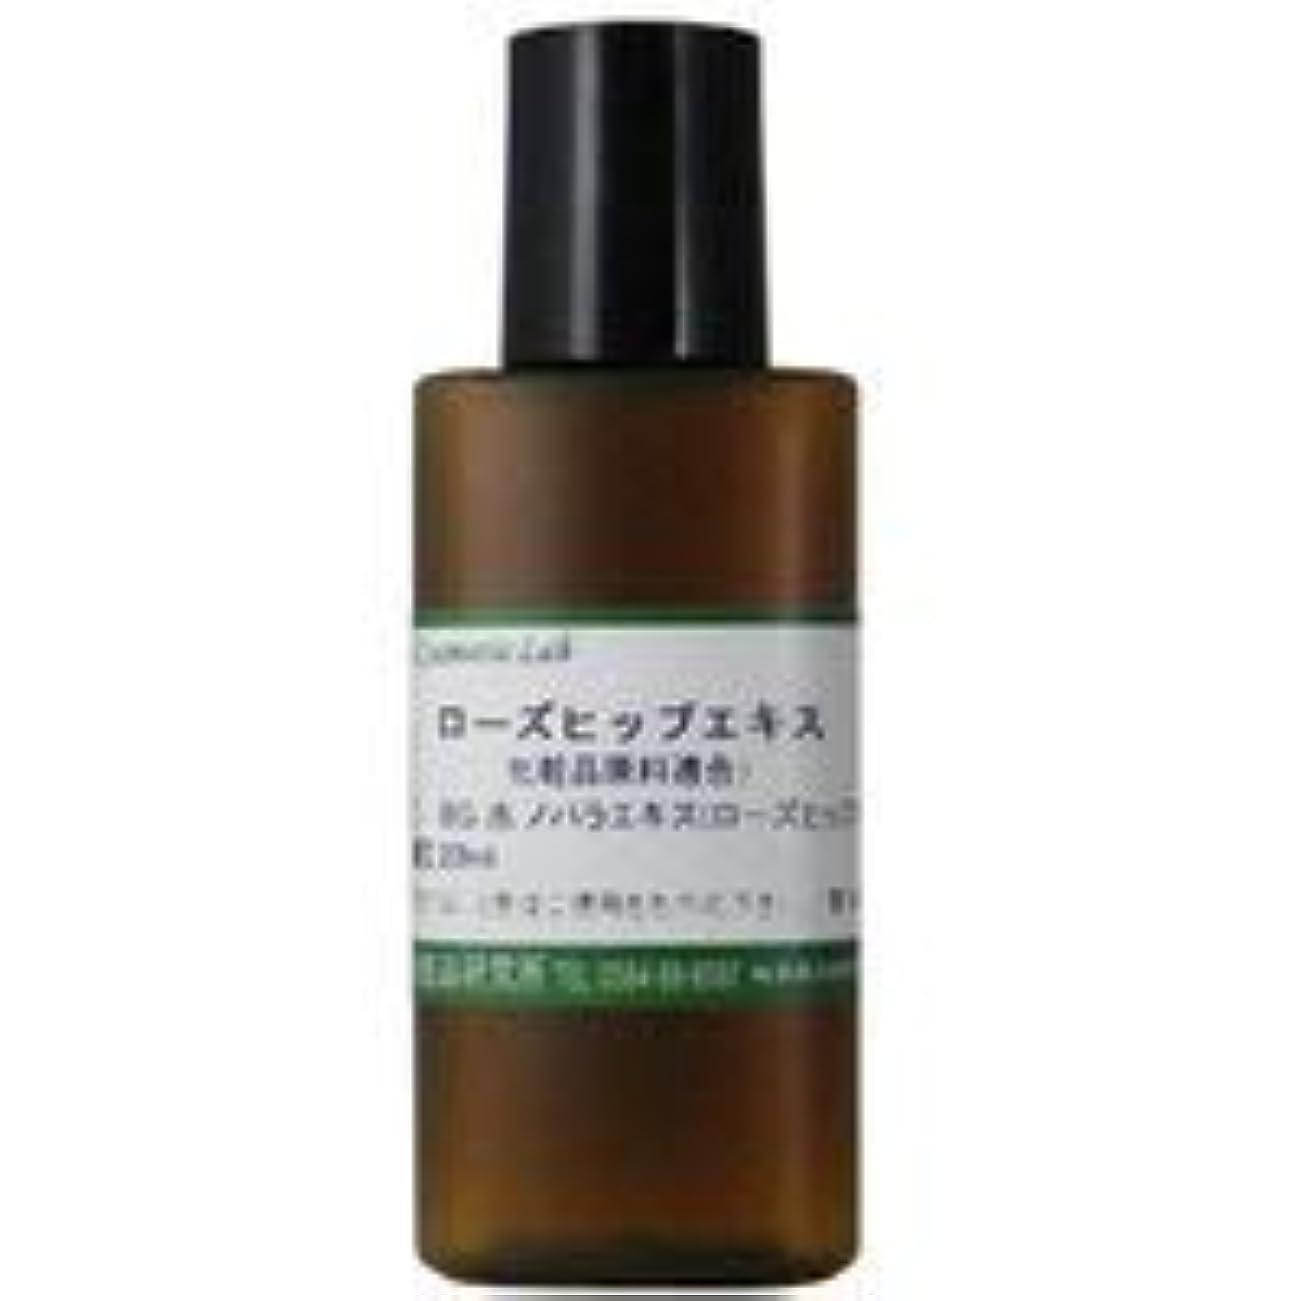 解放悪の蓮ローズヒップエキス 20ml 【手作り化粧品原料】